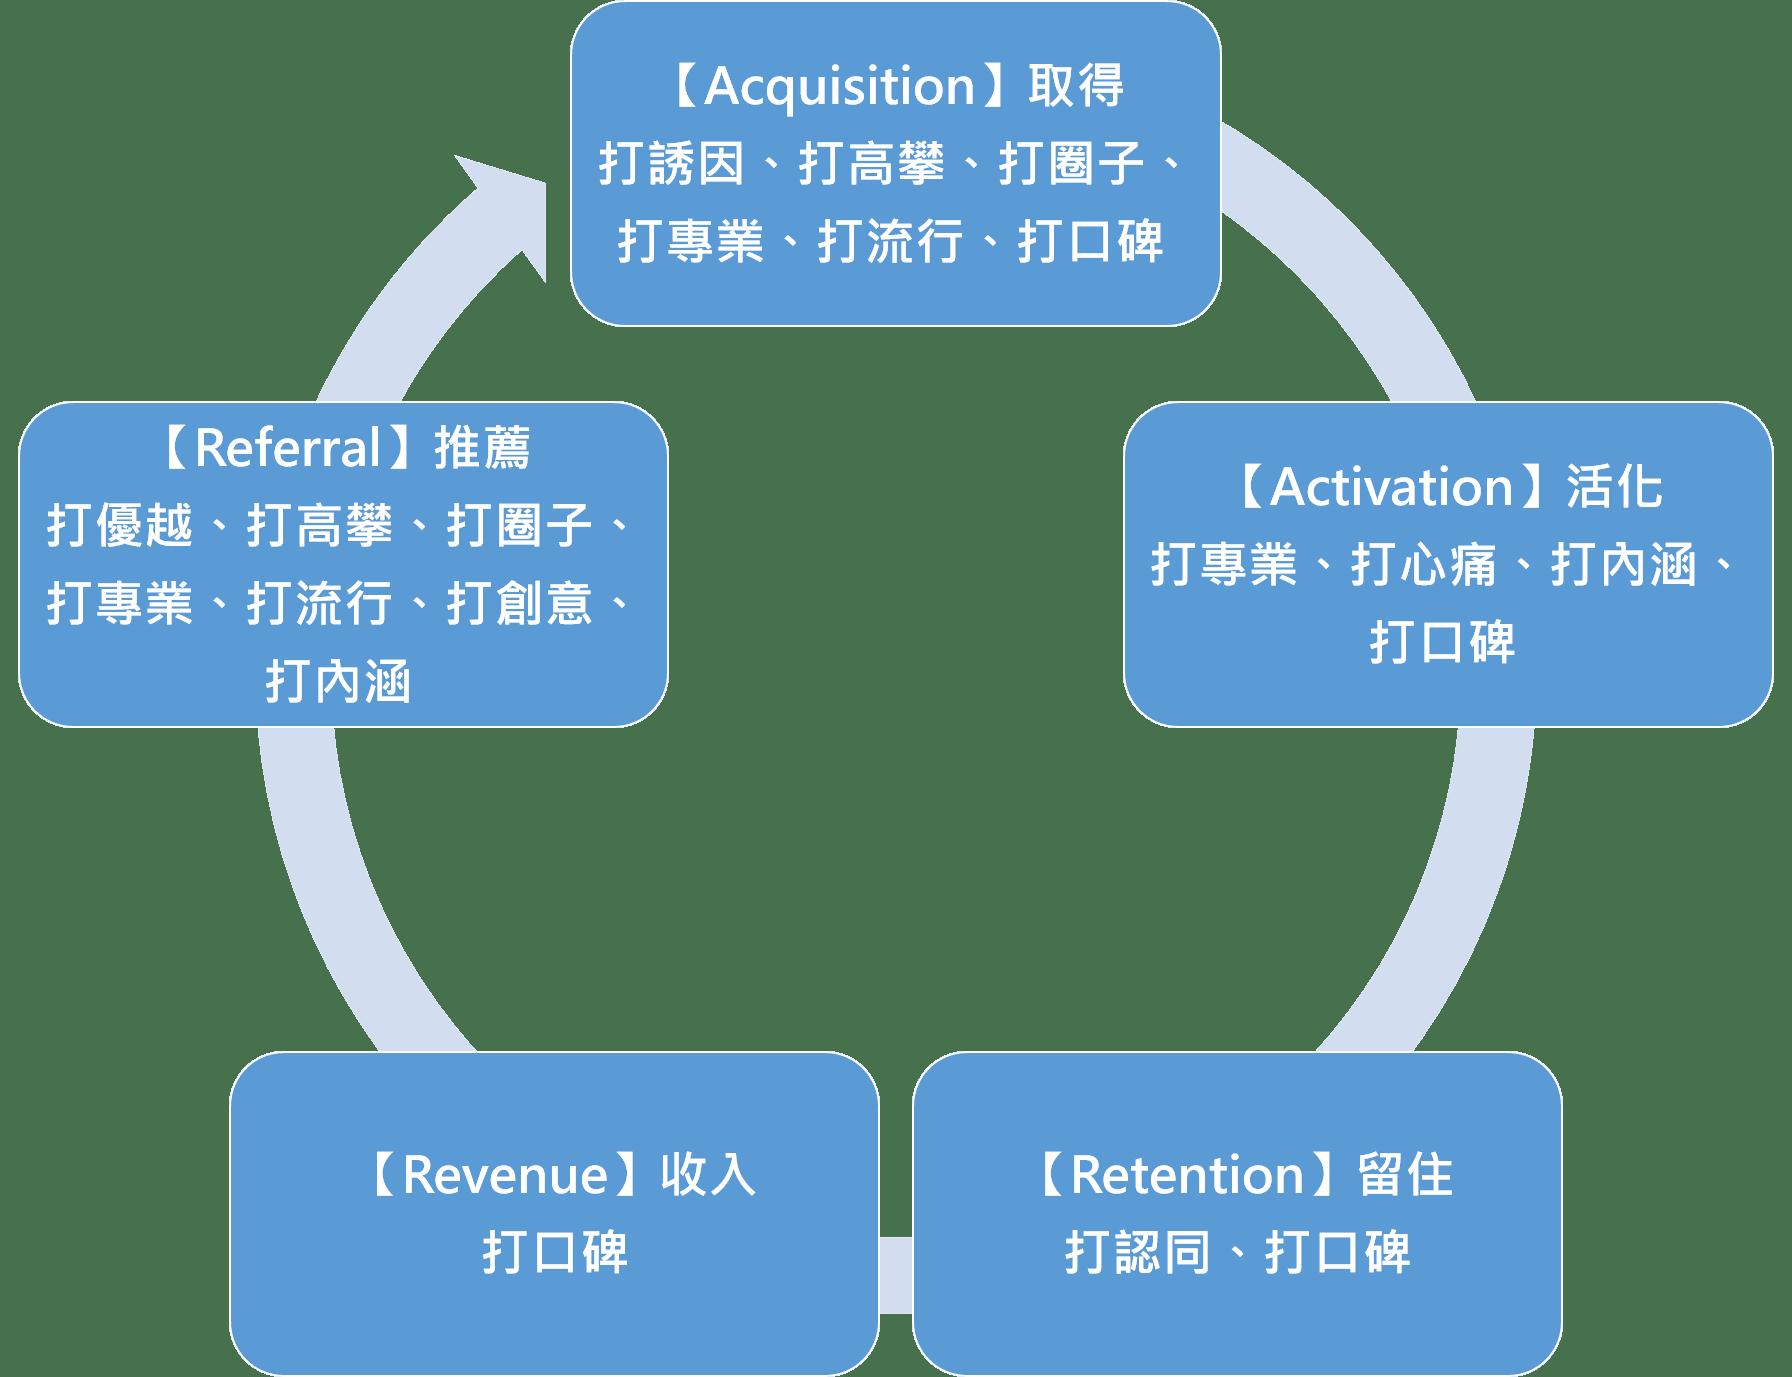 打卡活動適用於AARRR模型各階段解析